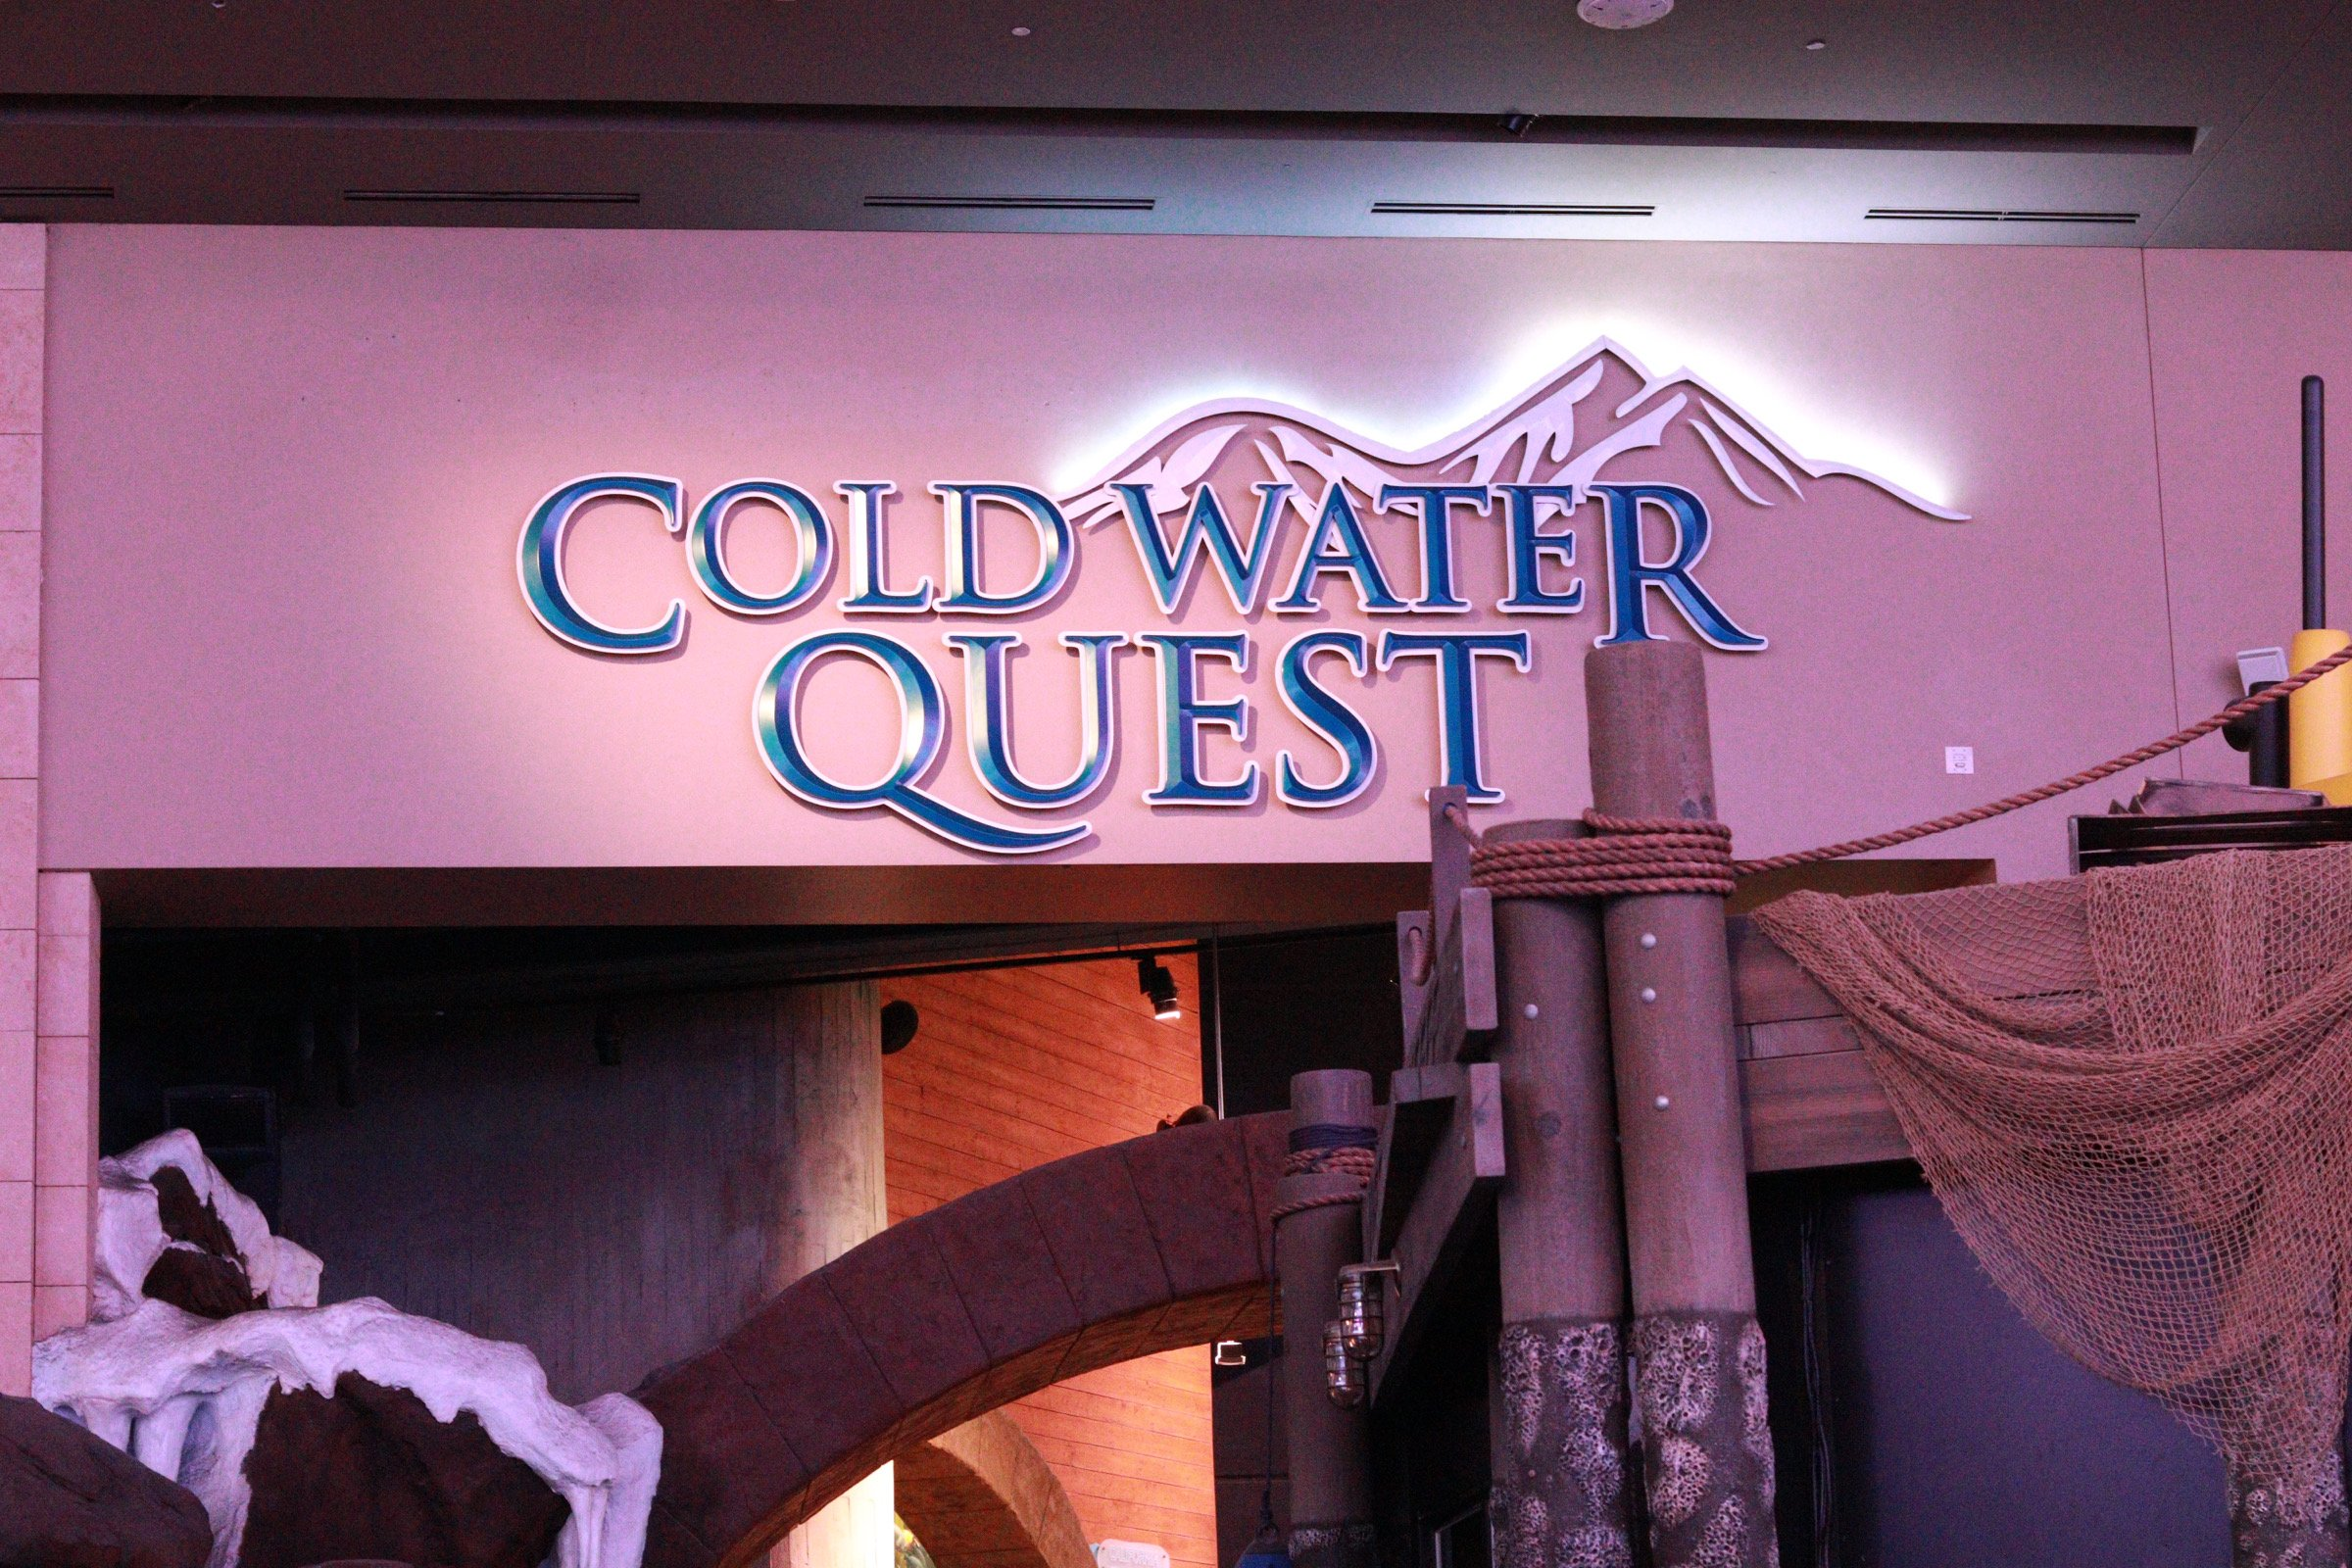 Cold Water Quest Georgia Aquarium